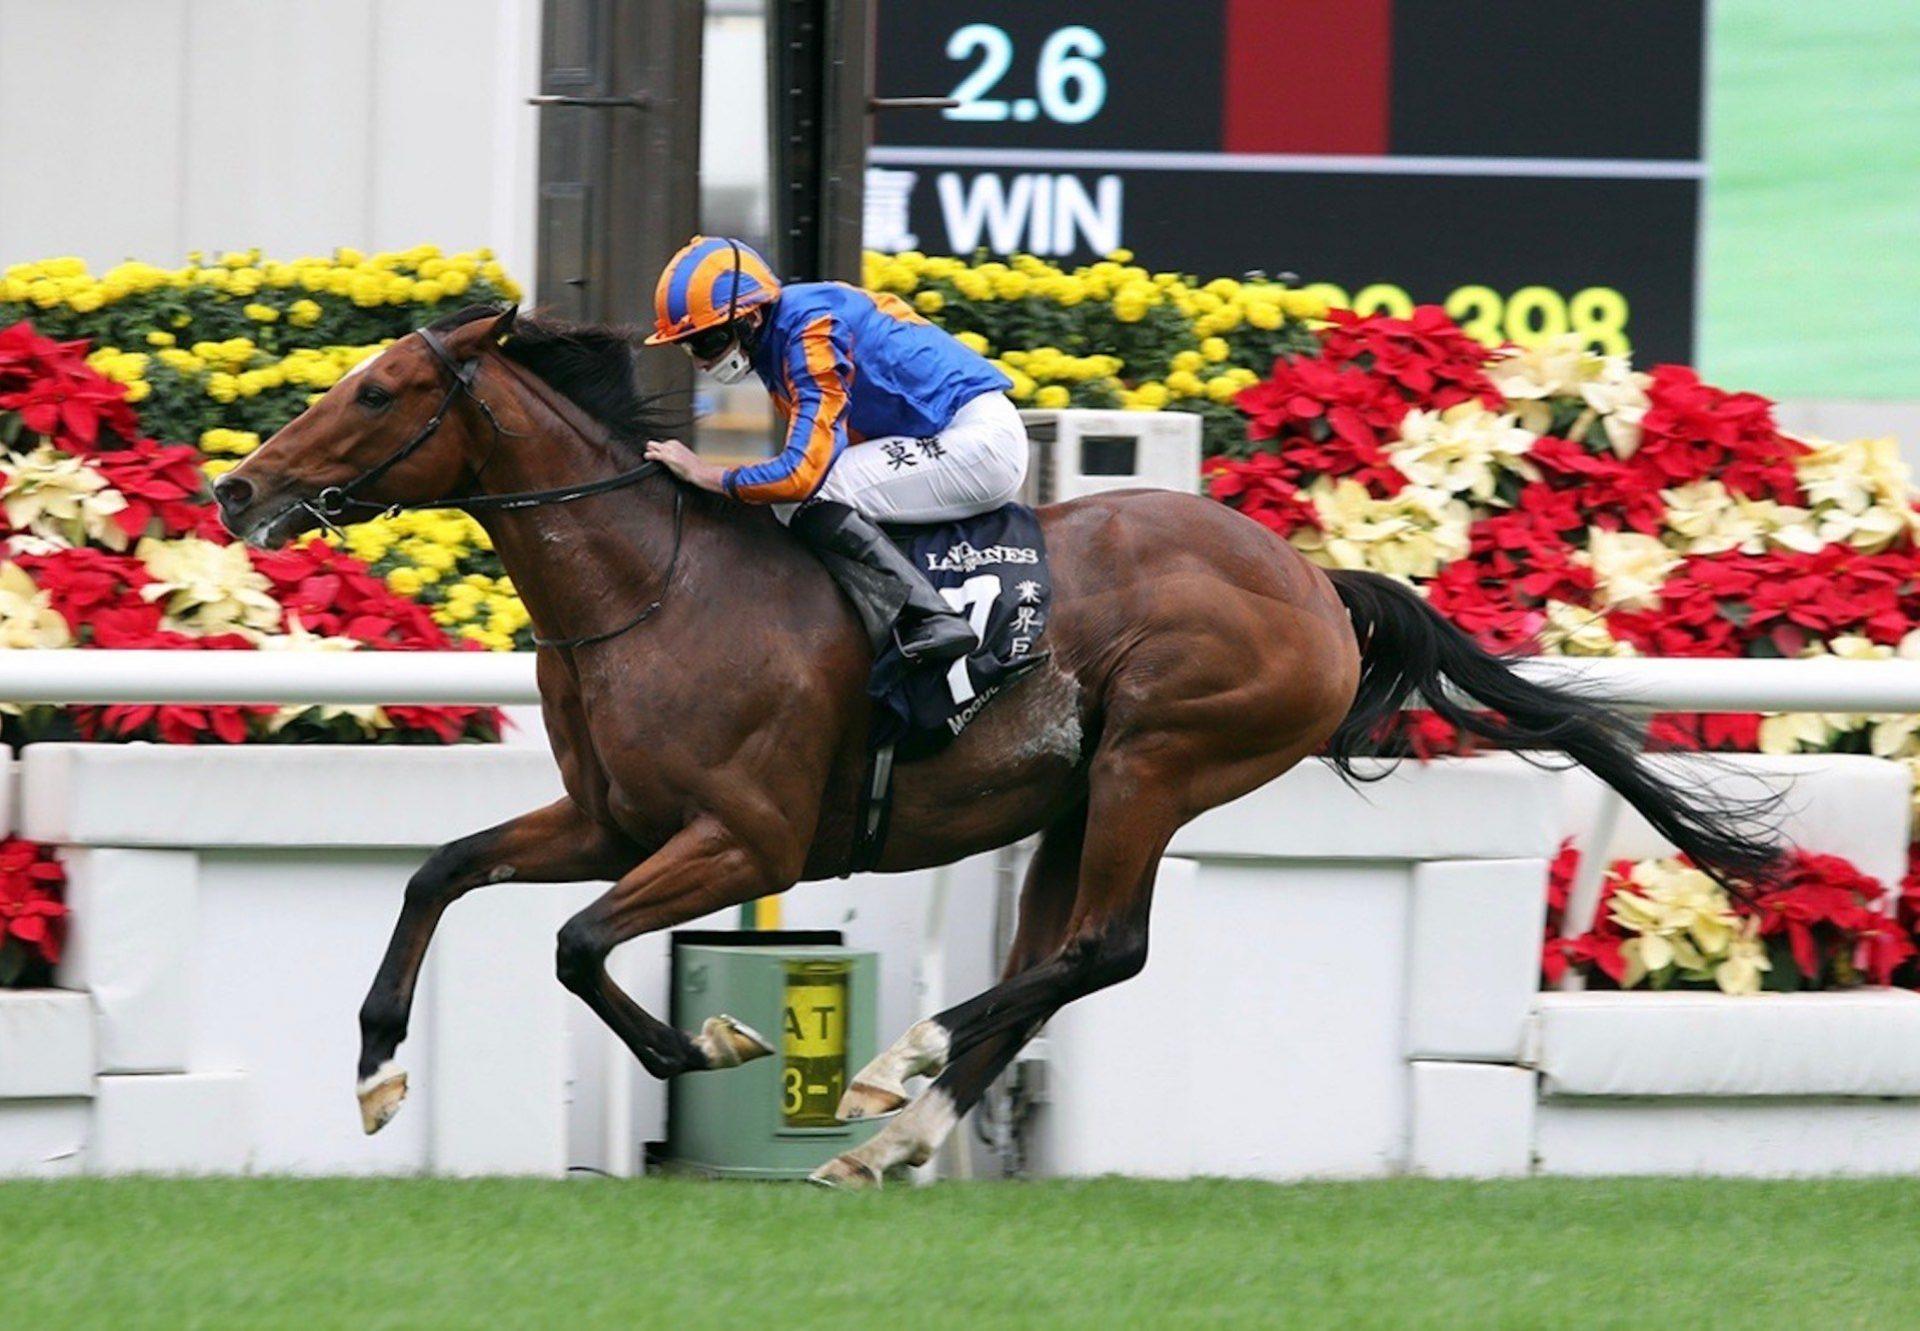 Mogul (Galileo) Wins The Gr.1 Hong Kong Vase at Sha Tin